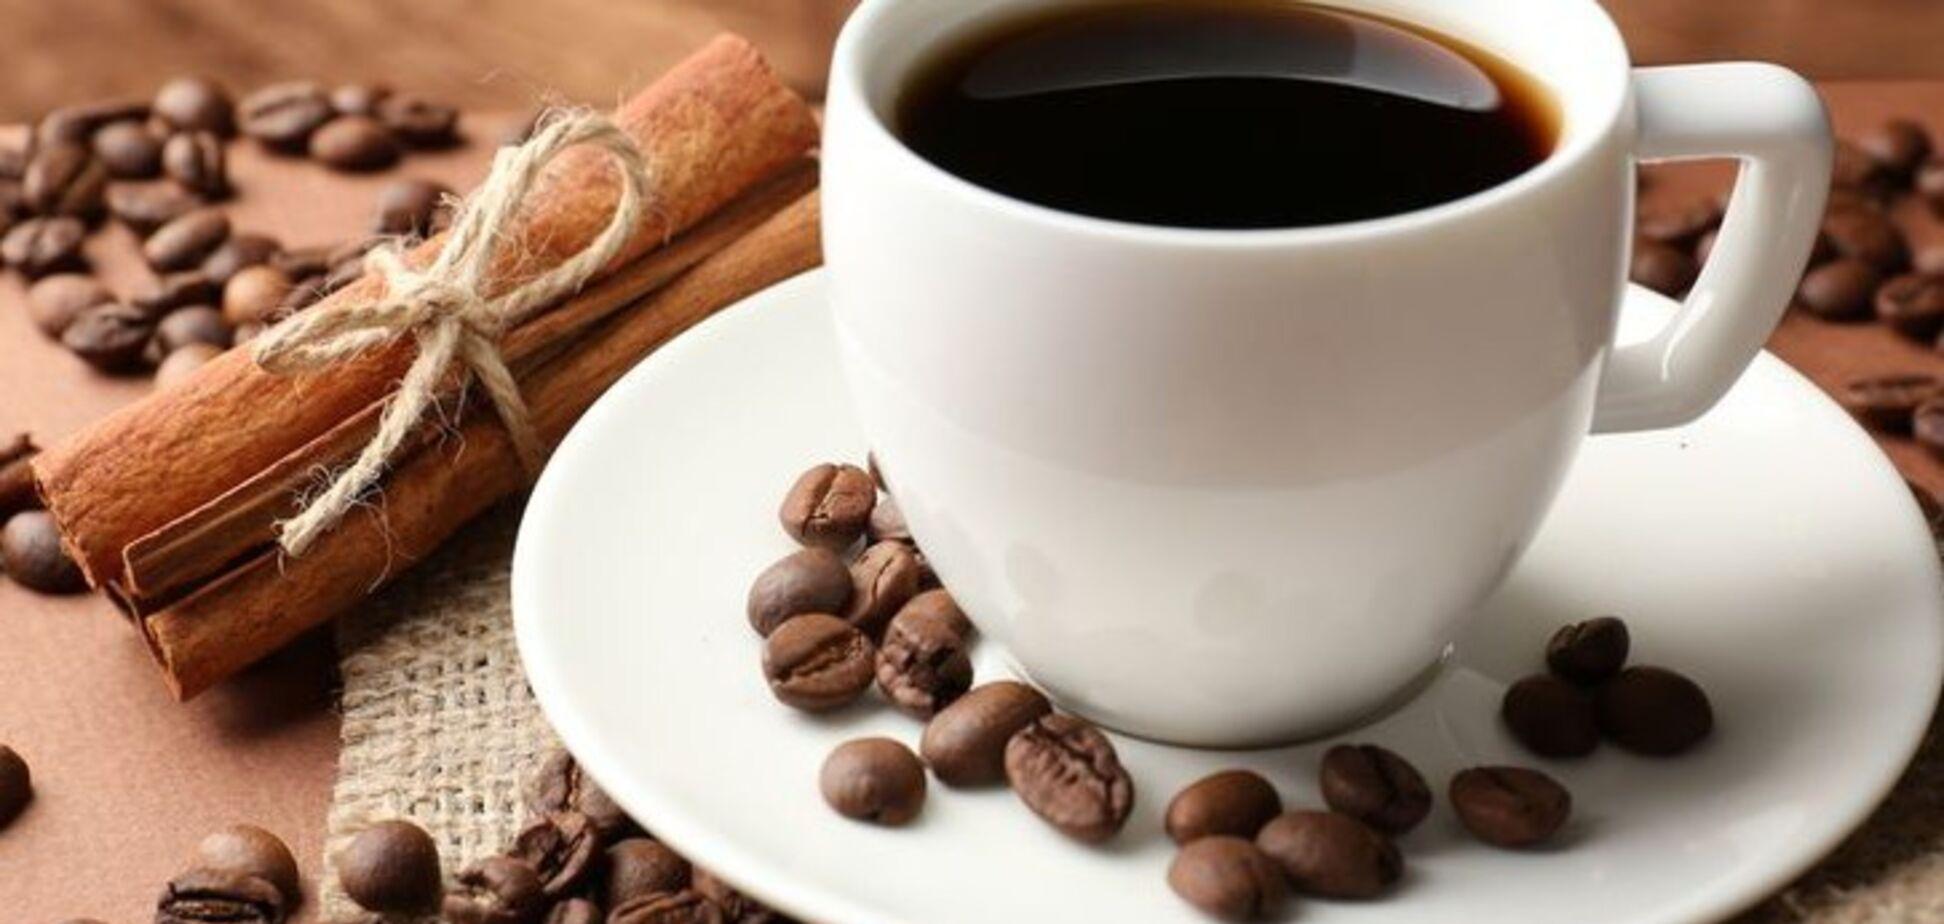 Надо пить перед сном: развенчан главный миф о кофе